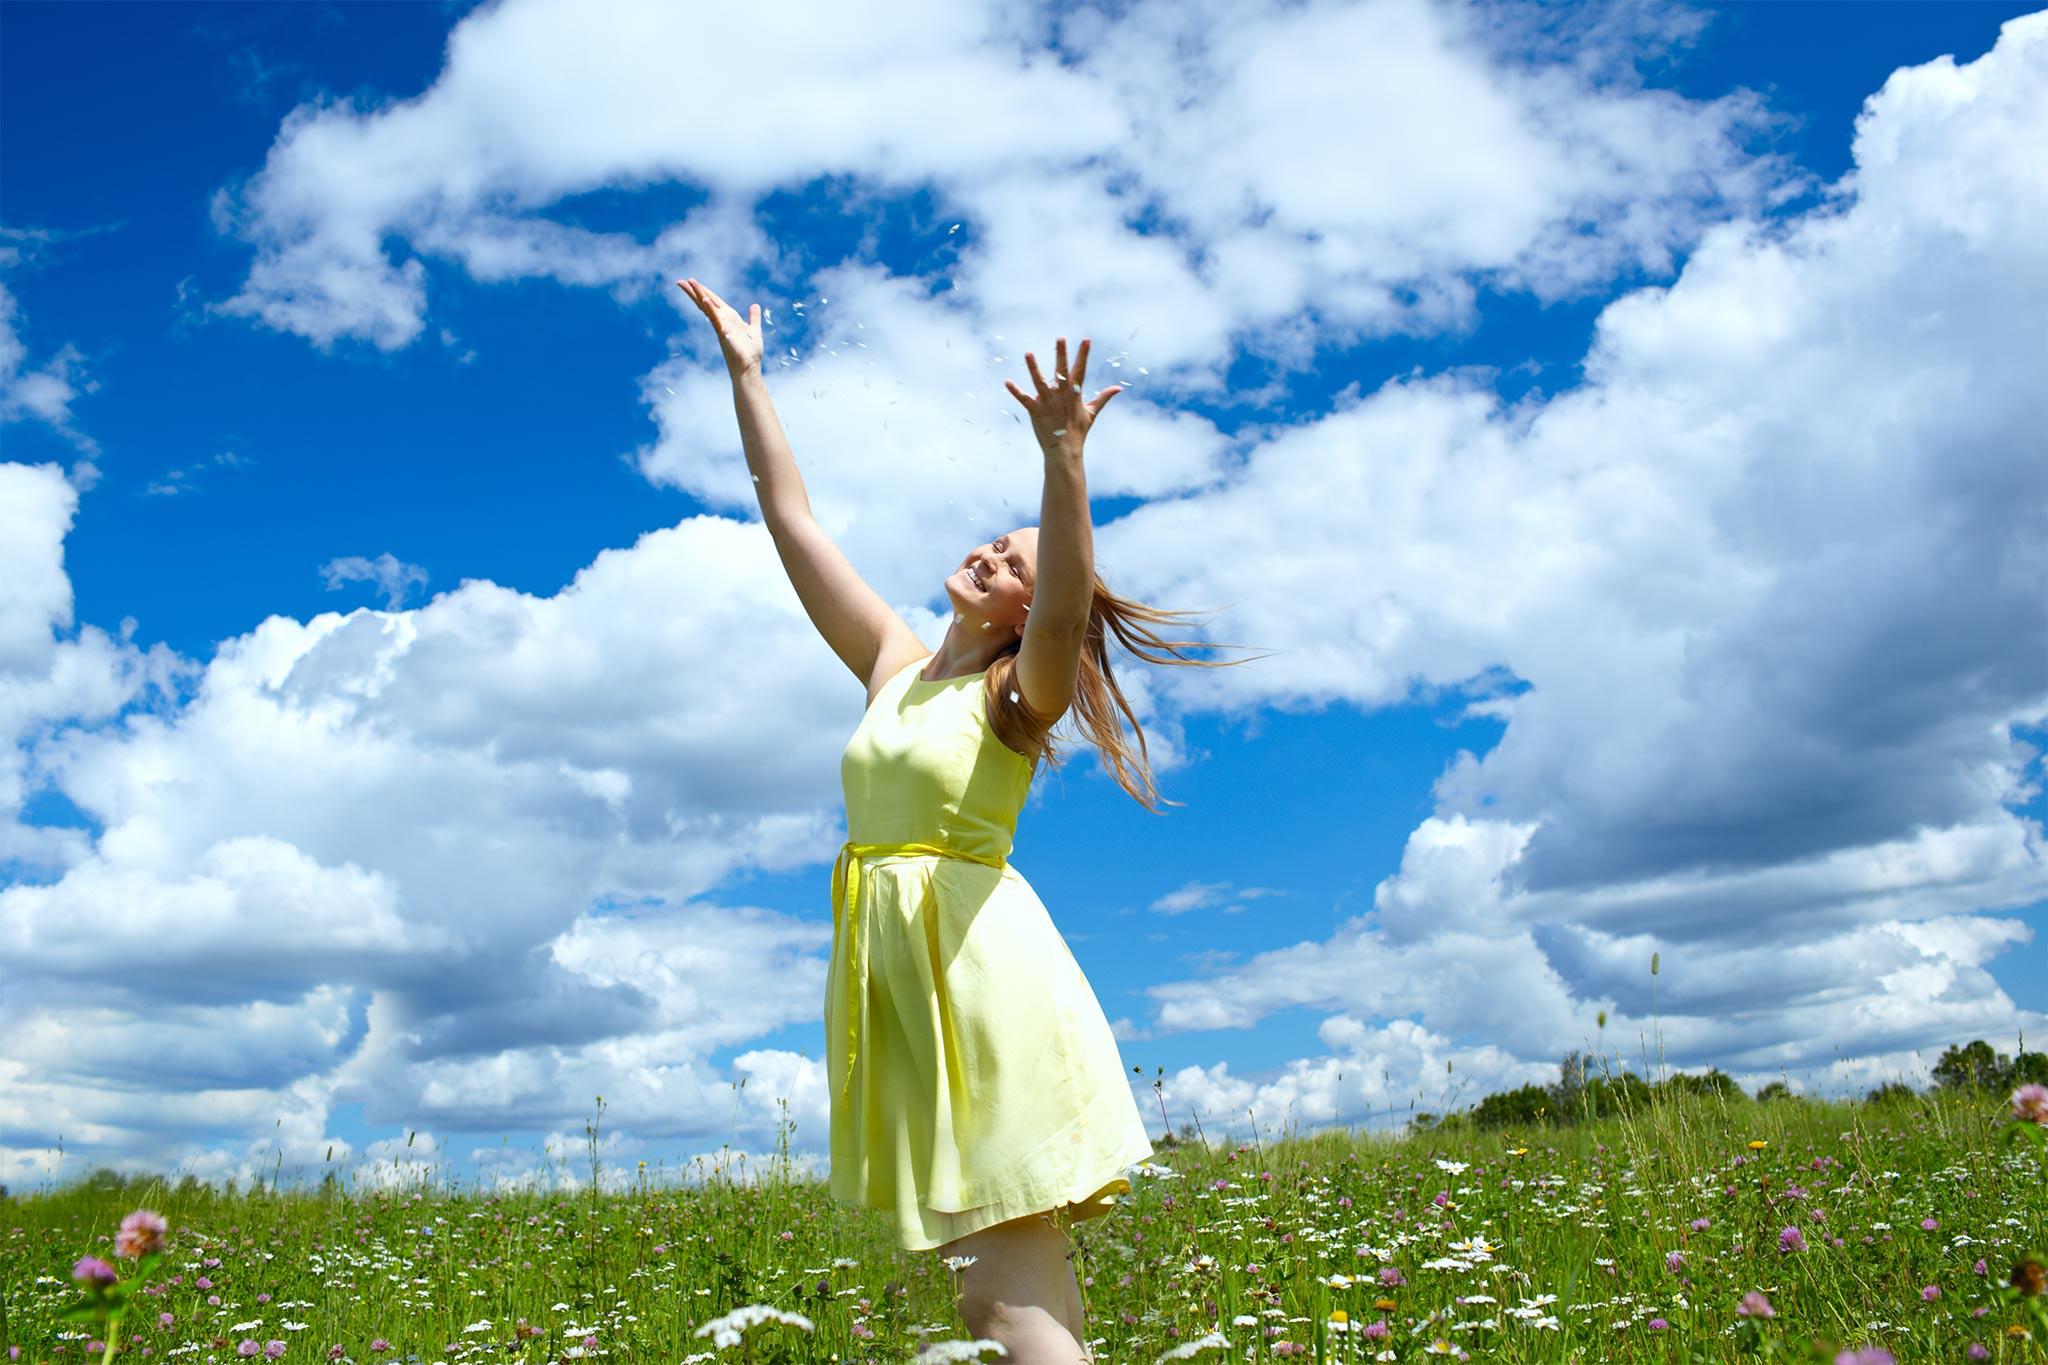 幸せな人生とは?長期間の研究から見る「幸福」の真実